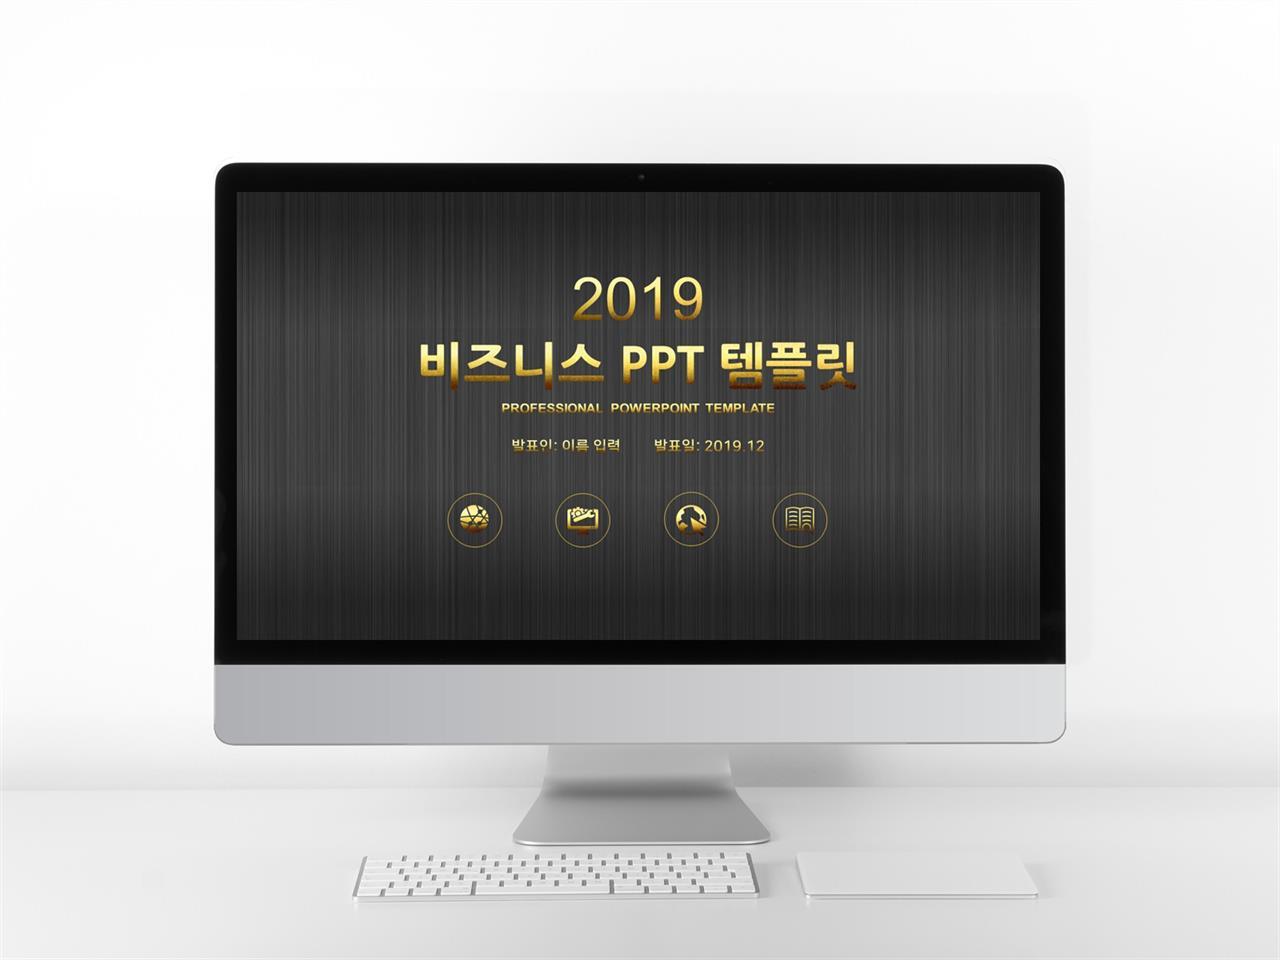 금융투자 황색 어두운 프레젠테이션 POWERPOINT탬플릿 만들기 미리보기